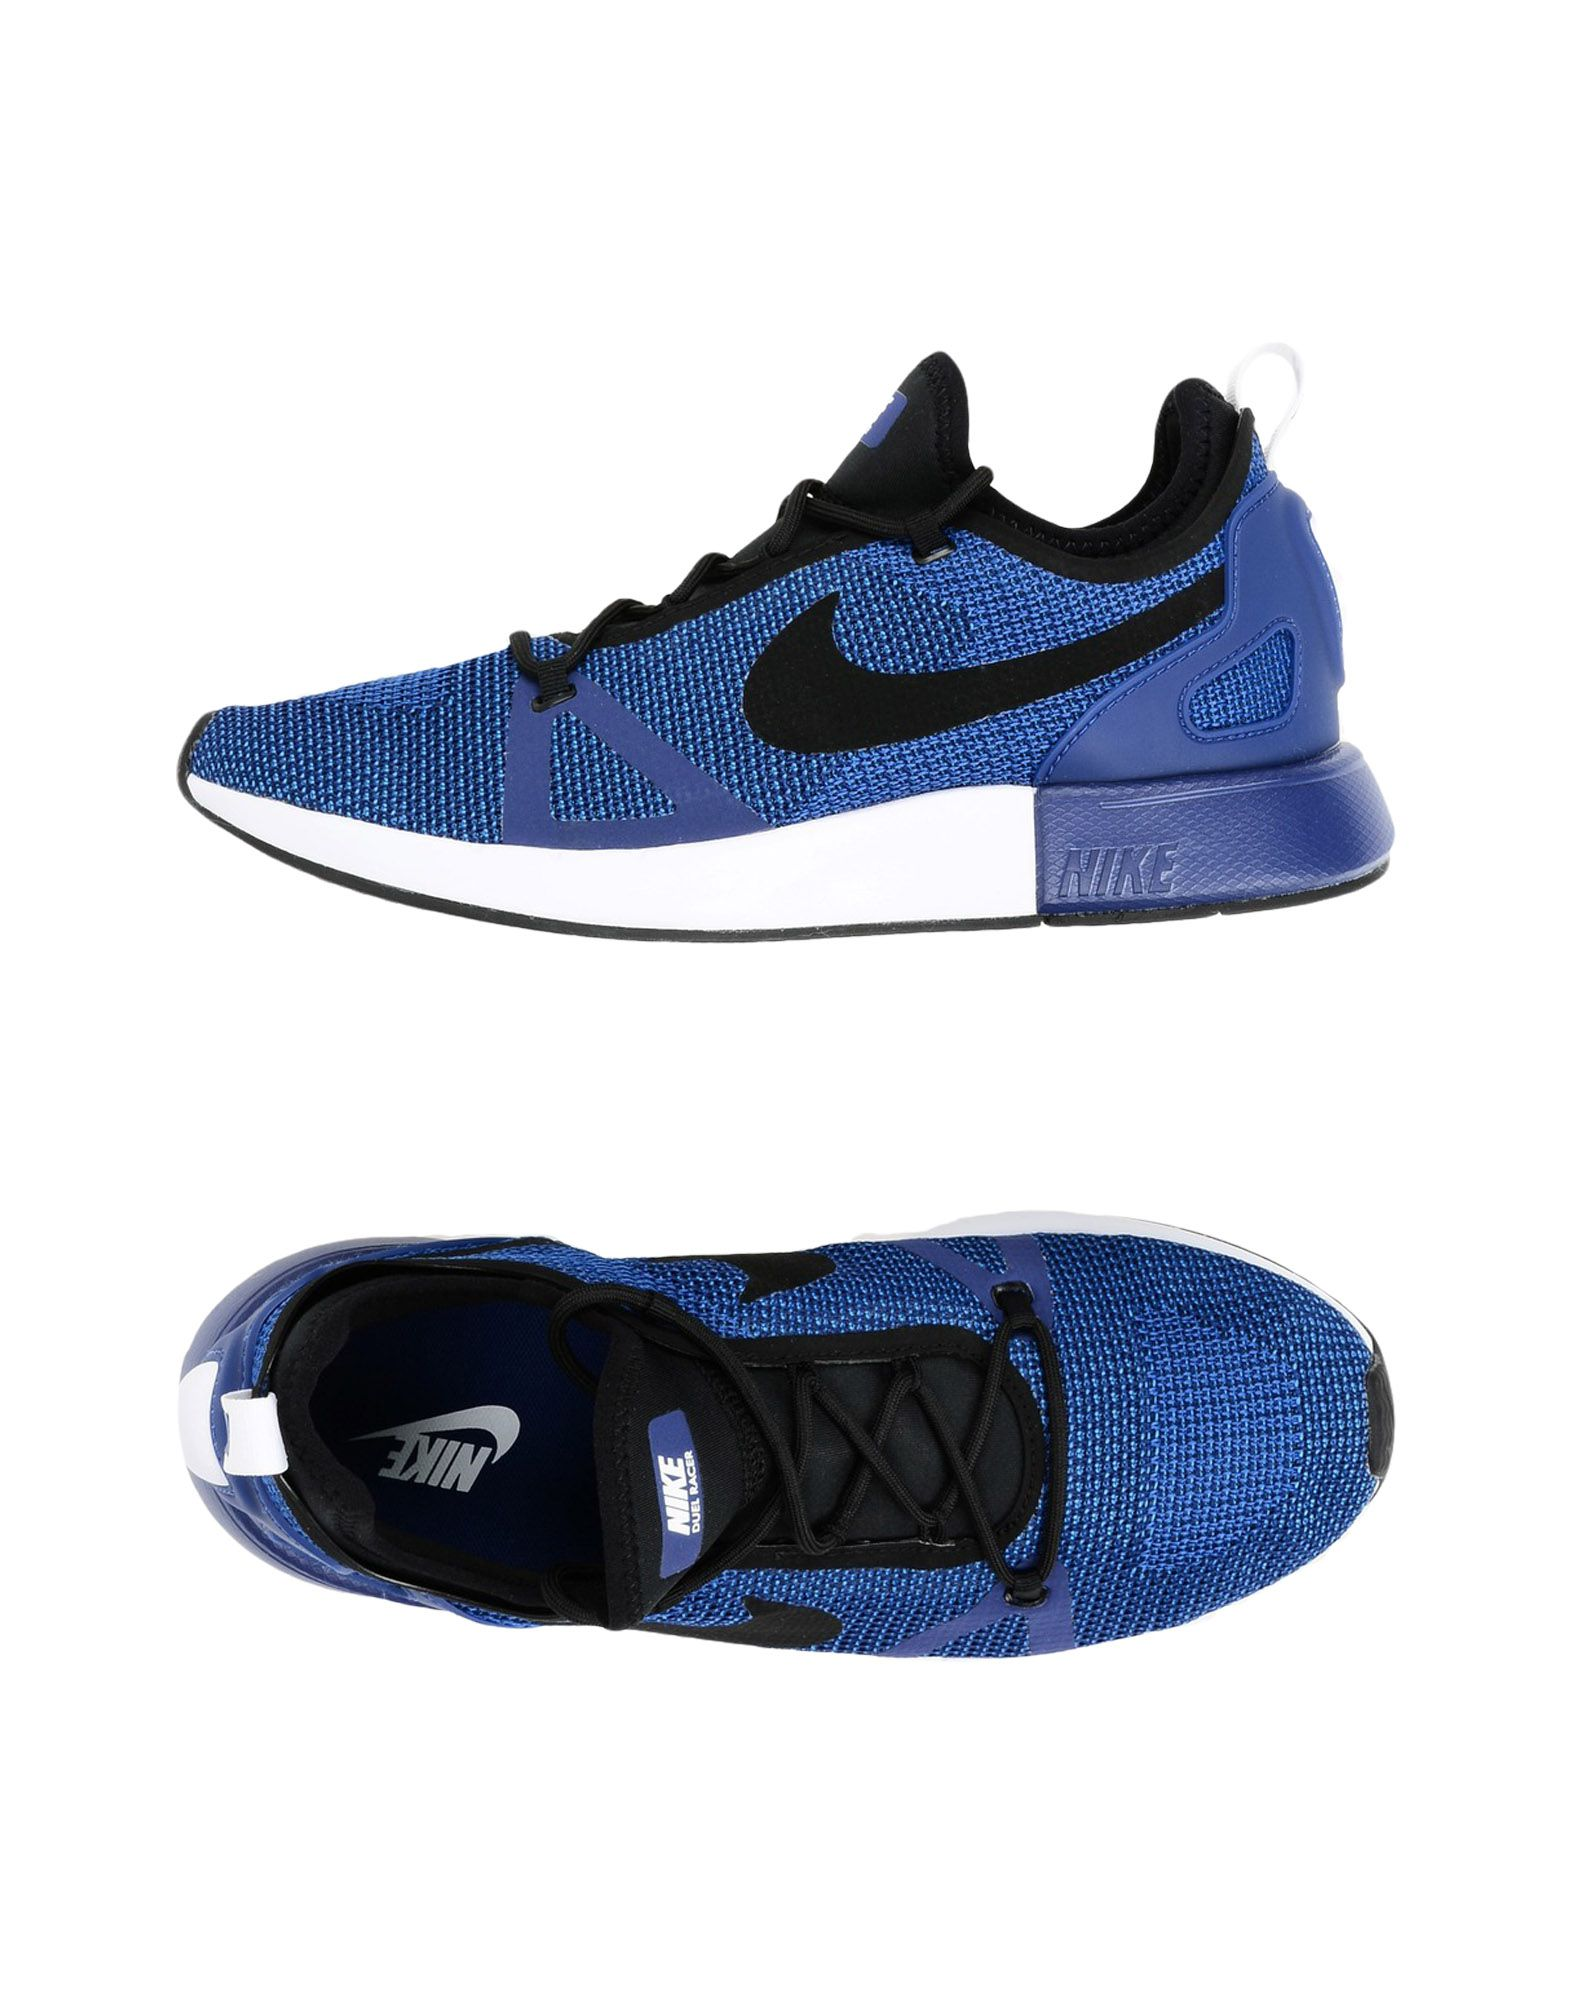 теннисные кроссовки купить в интернет магазине